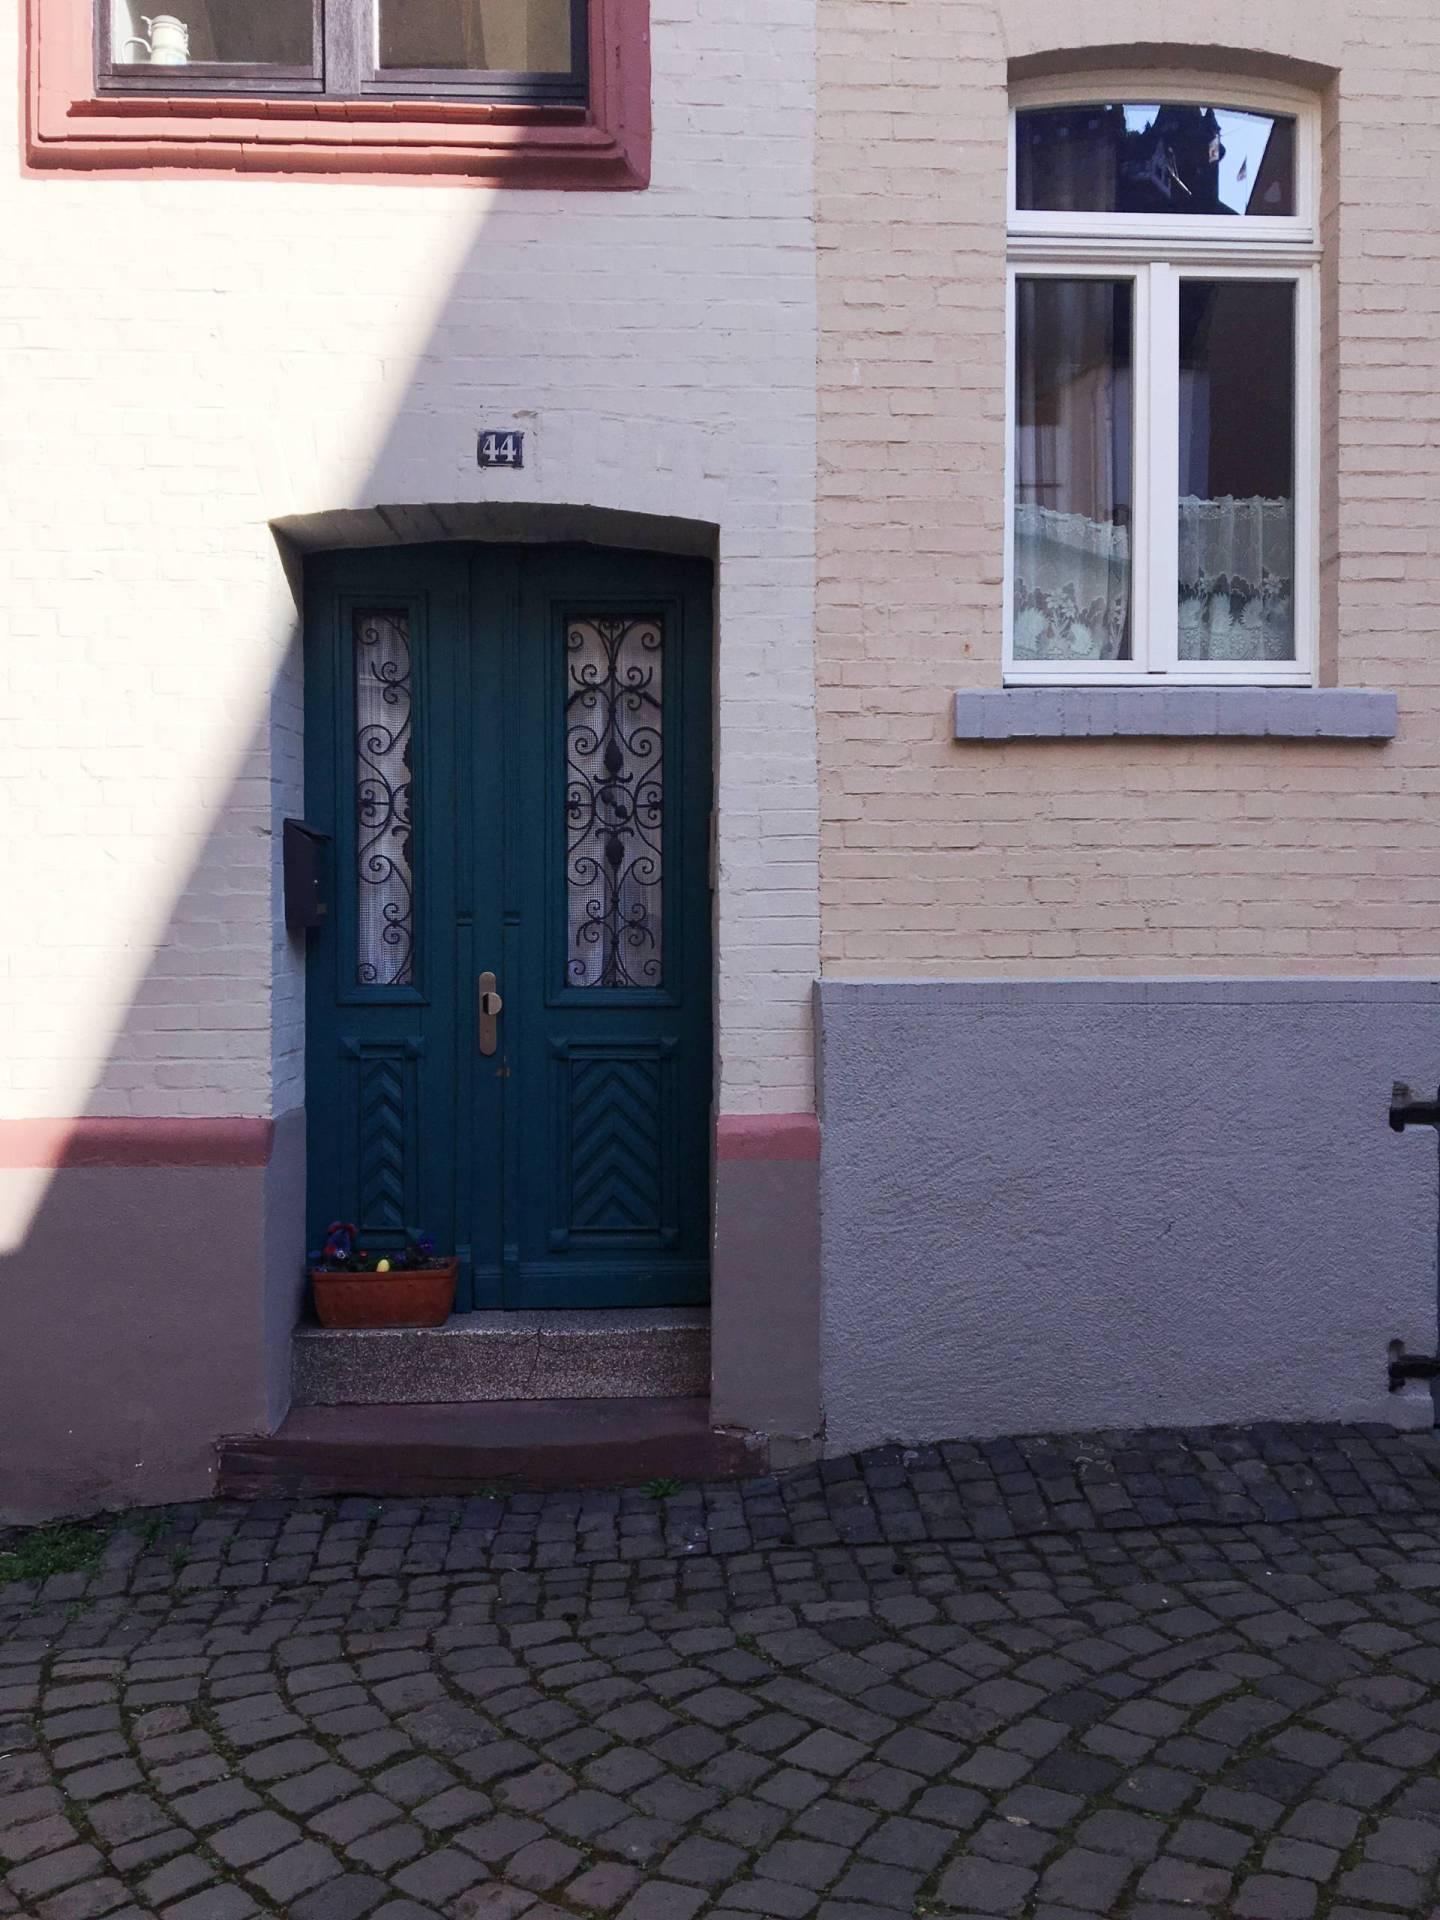 Doortraits of Germany